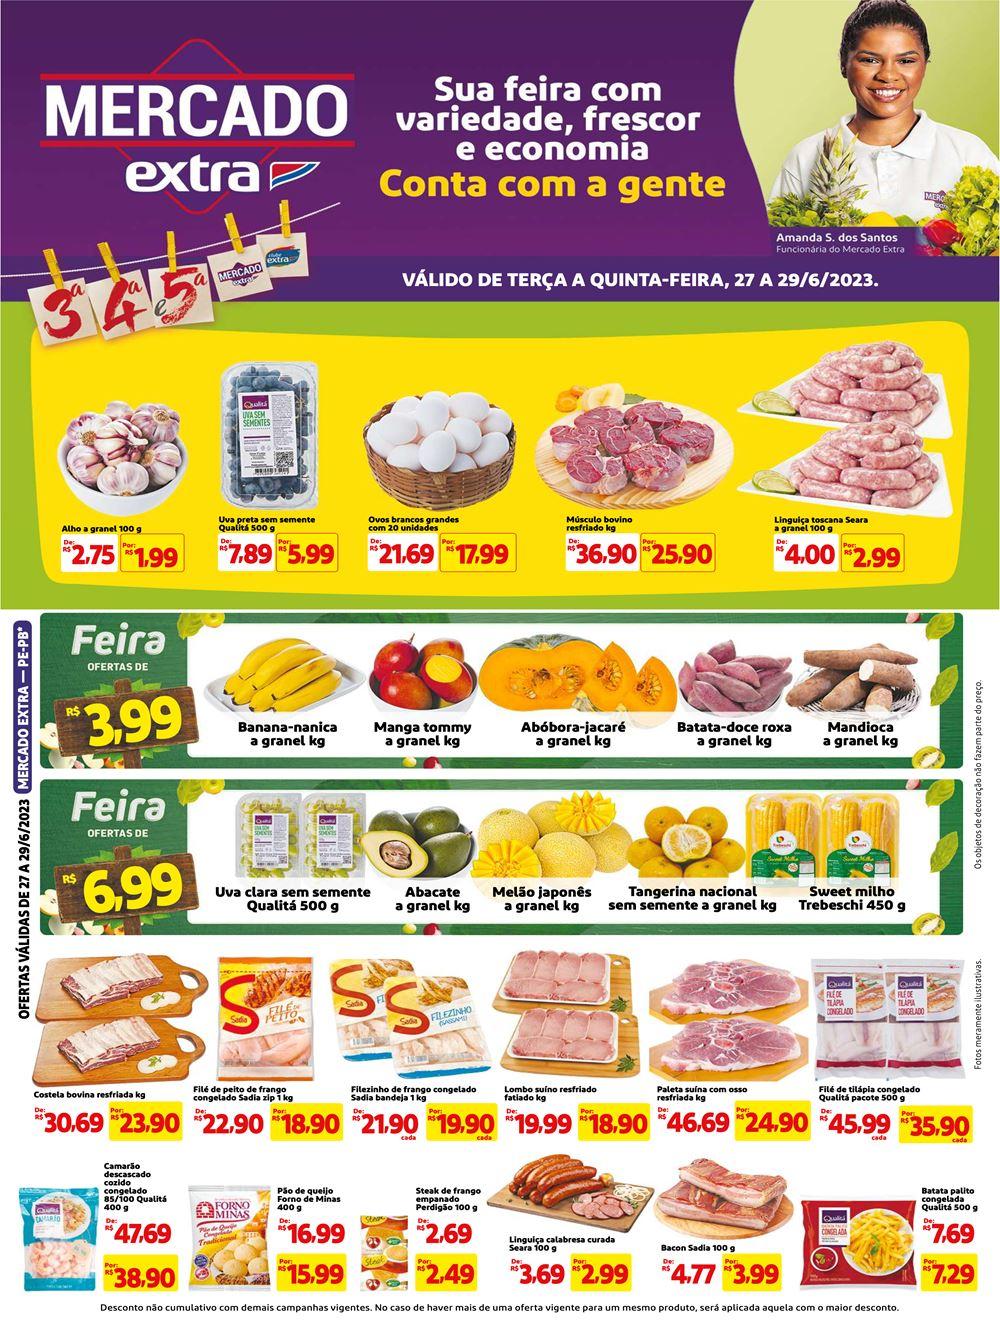 extra-ofertas-descontos-hoje1-79 São Paulo